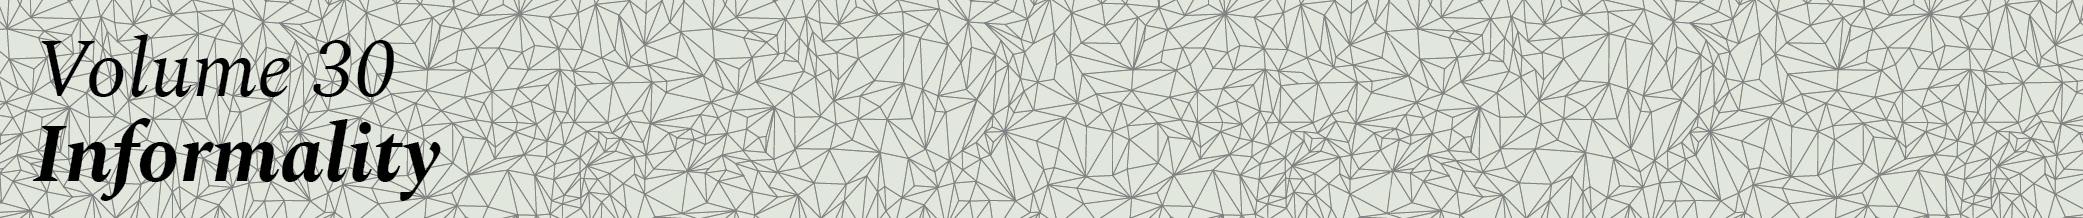 BPJ_Vol30_Cover-Website_2.jpg